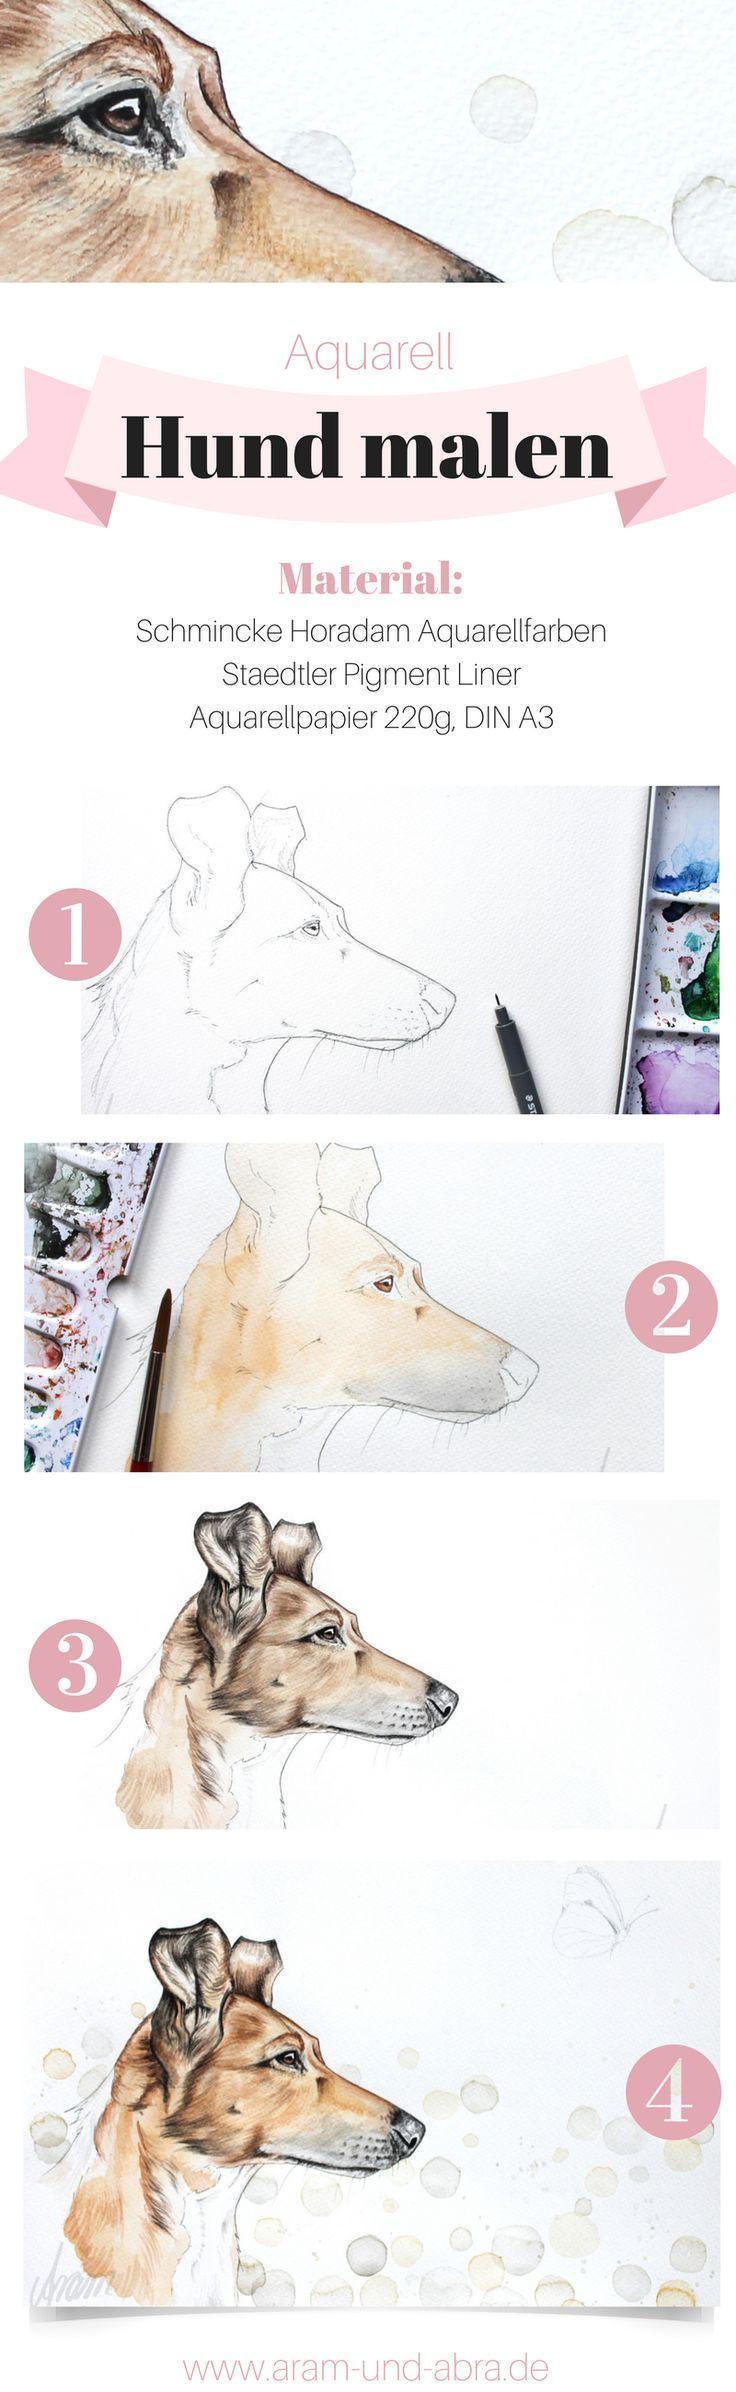 die besten 25 portraits zeichnen ideen auf pinterest zeichenunterricht gesichter zeichnen. Black Bedroom Furniture Sets. Home Design Ideas